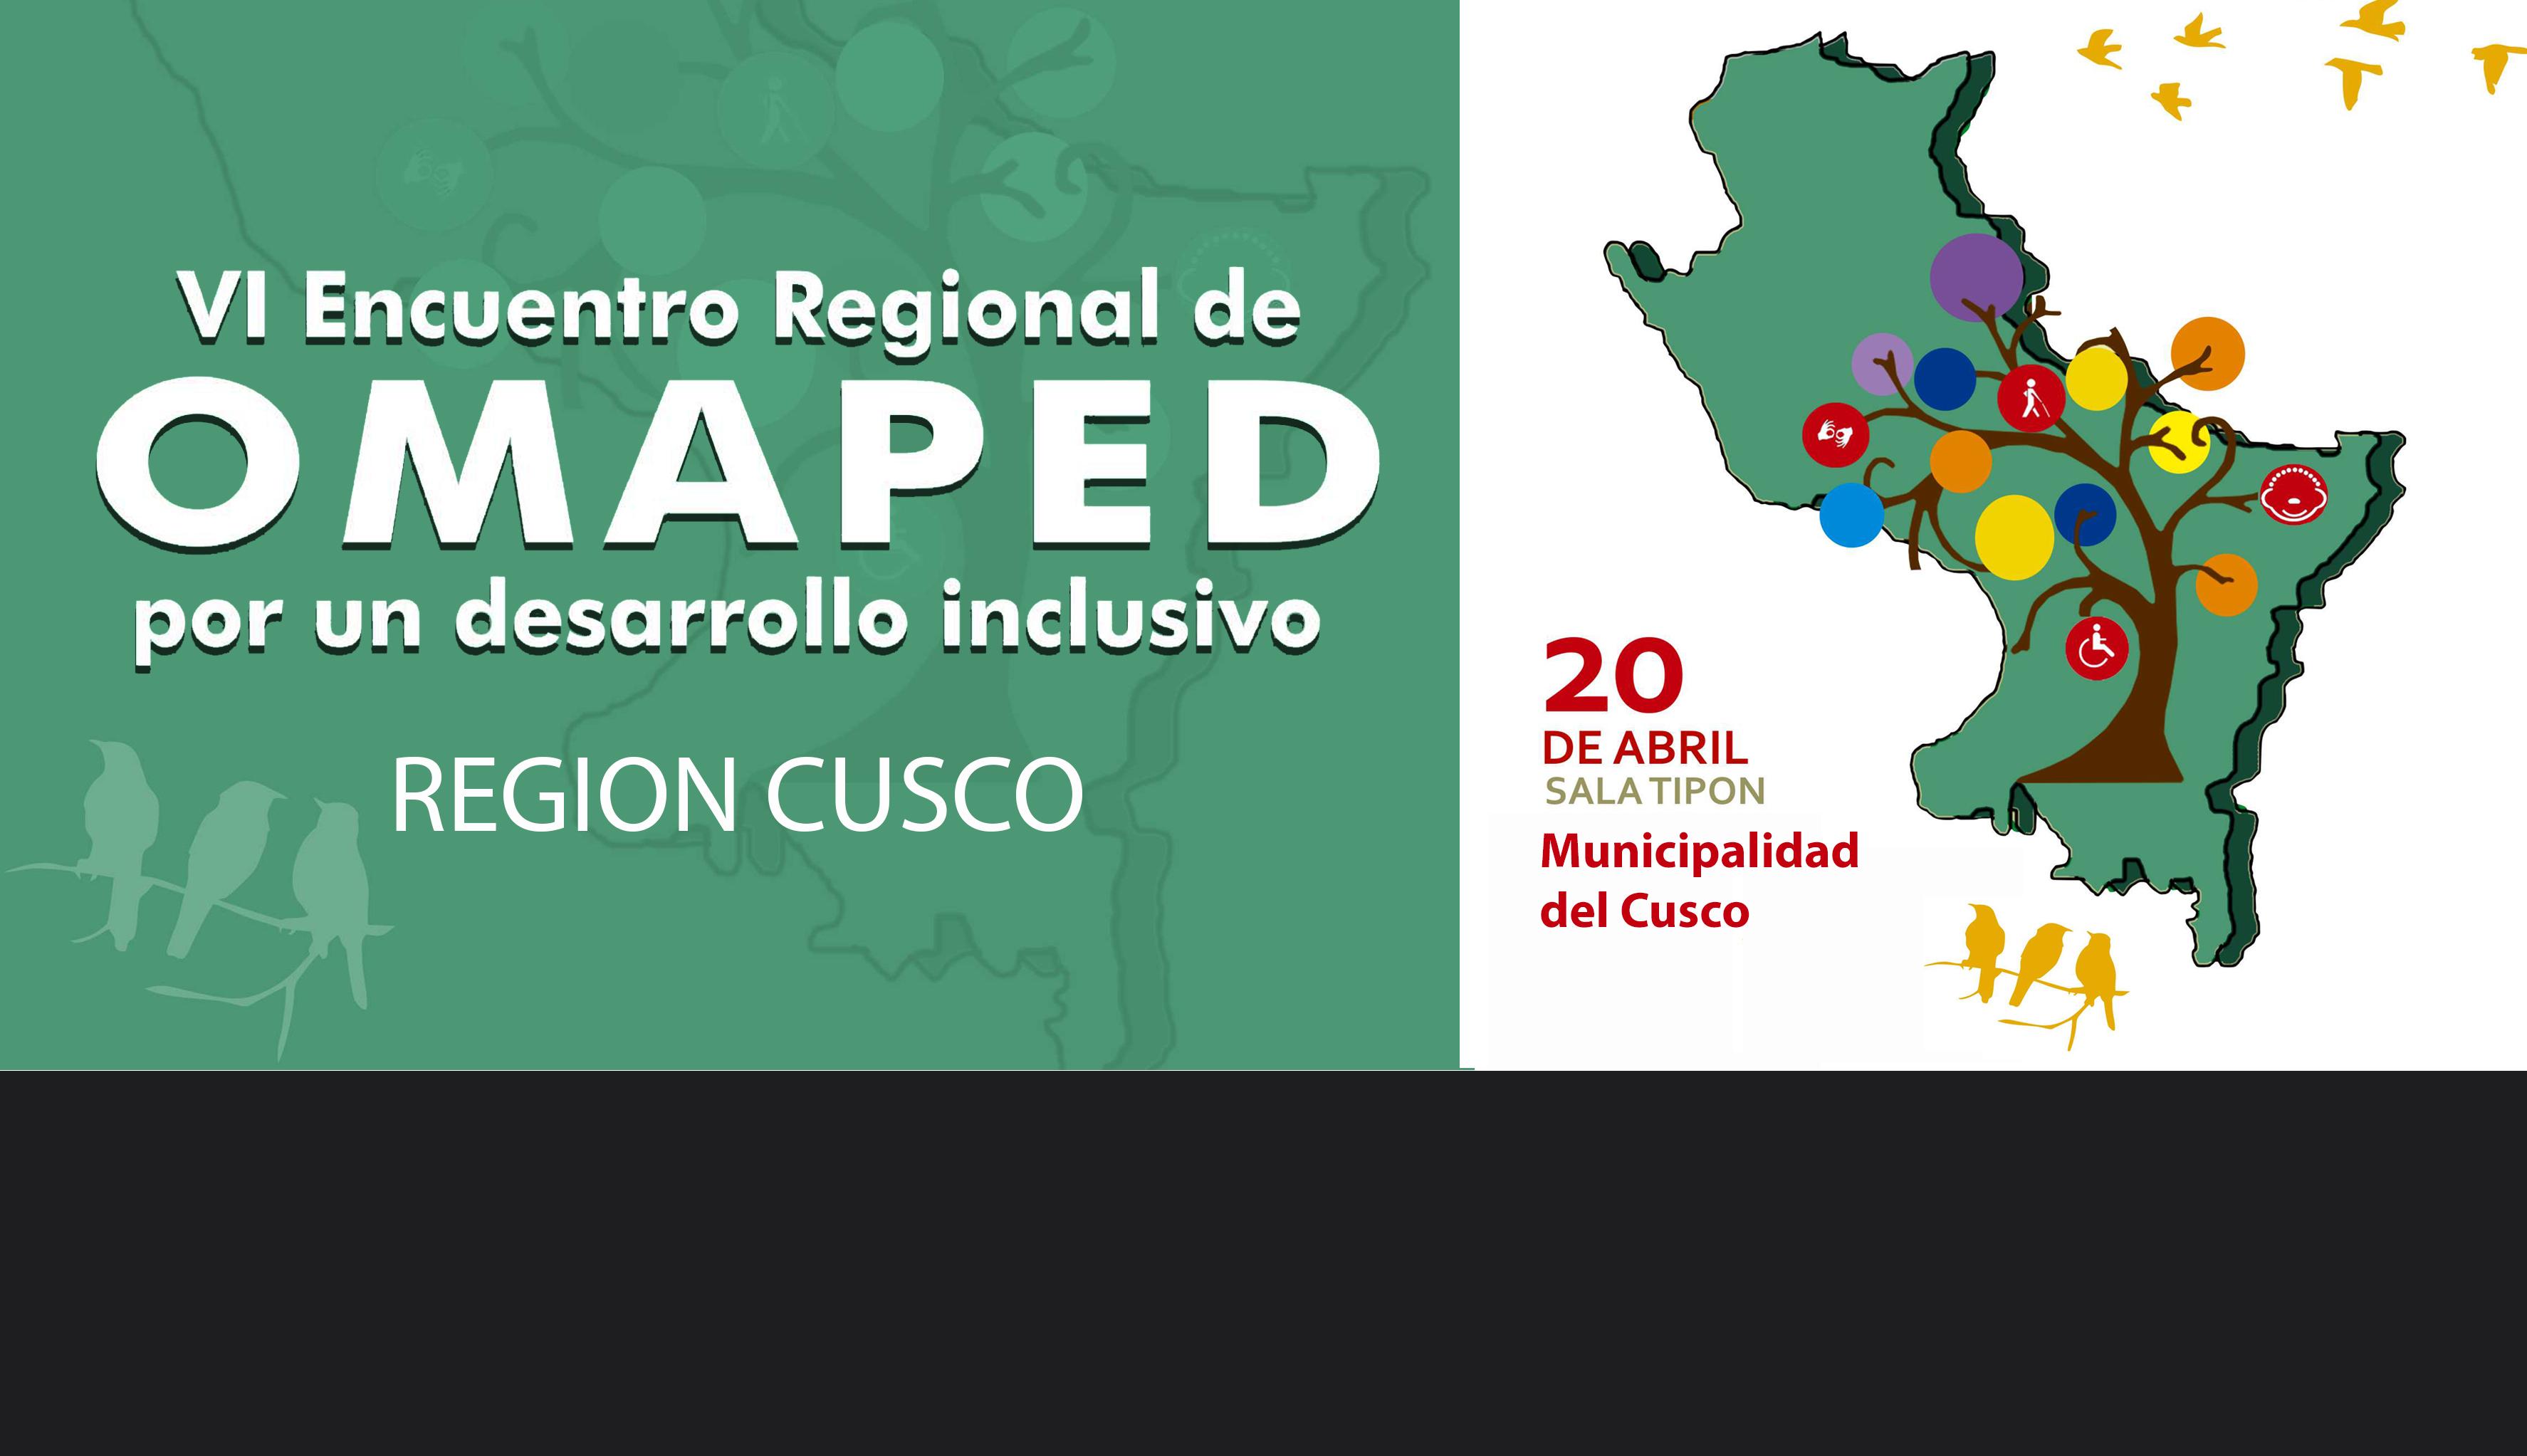 VI Encuentro Regional de Omaped por un Desarrollo Inclusivo en Cusco